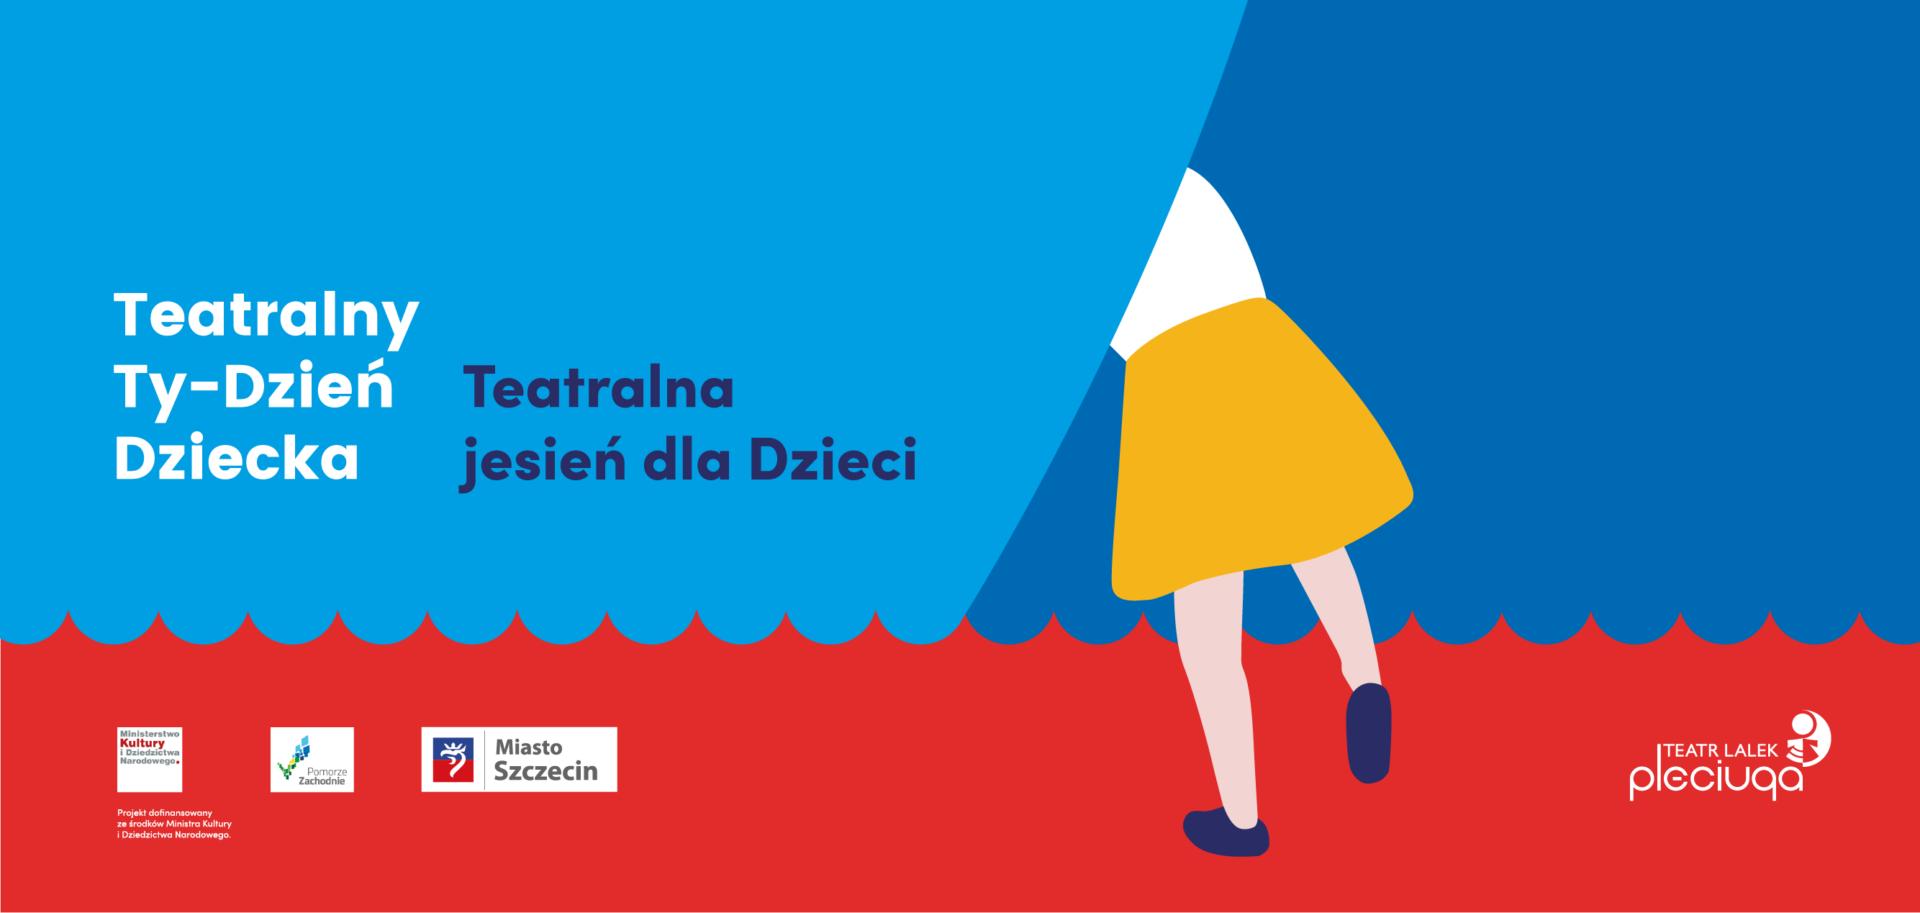 Teatralny Ty-Dzień Dziecka w Pleciudze